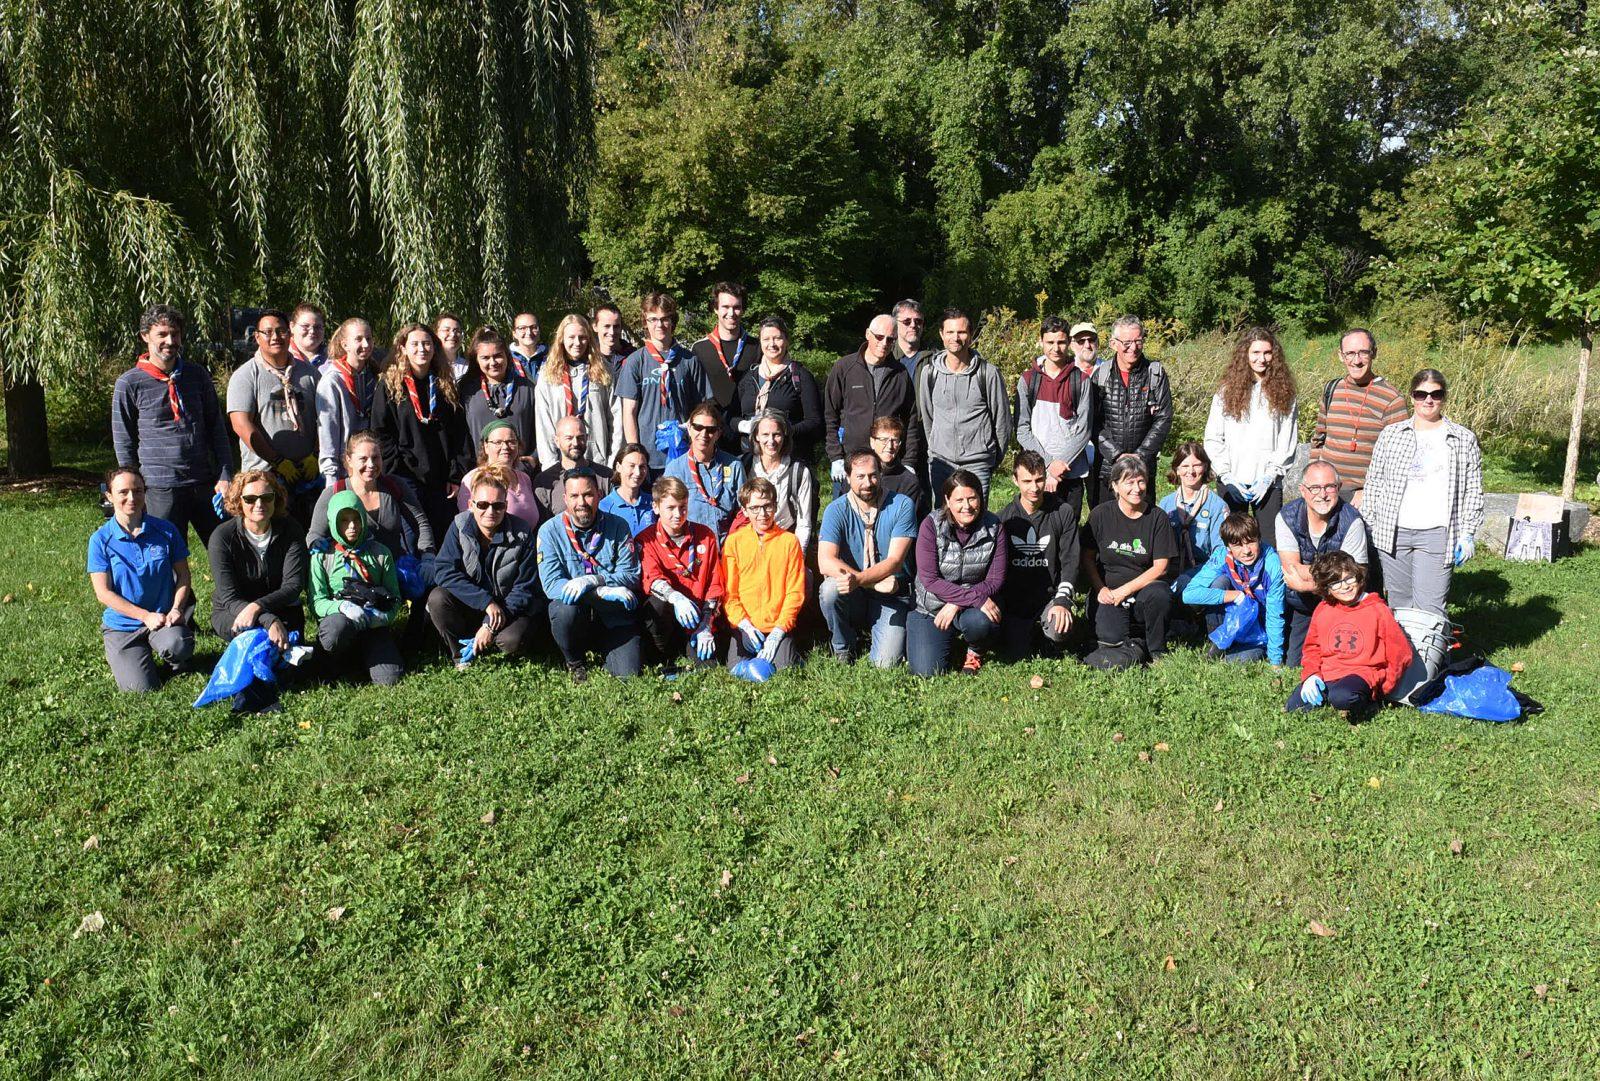 Nettoyage des berges du fleuve Saint-Laurent : des bénévoles prennent soin de leur environnement